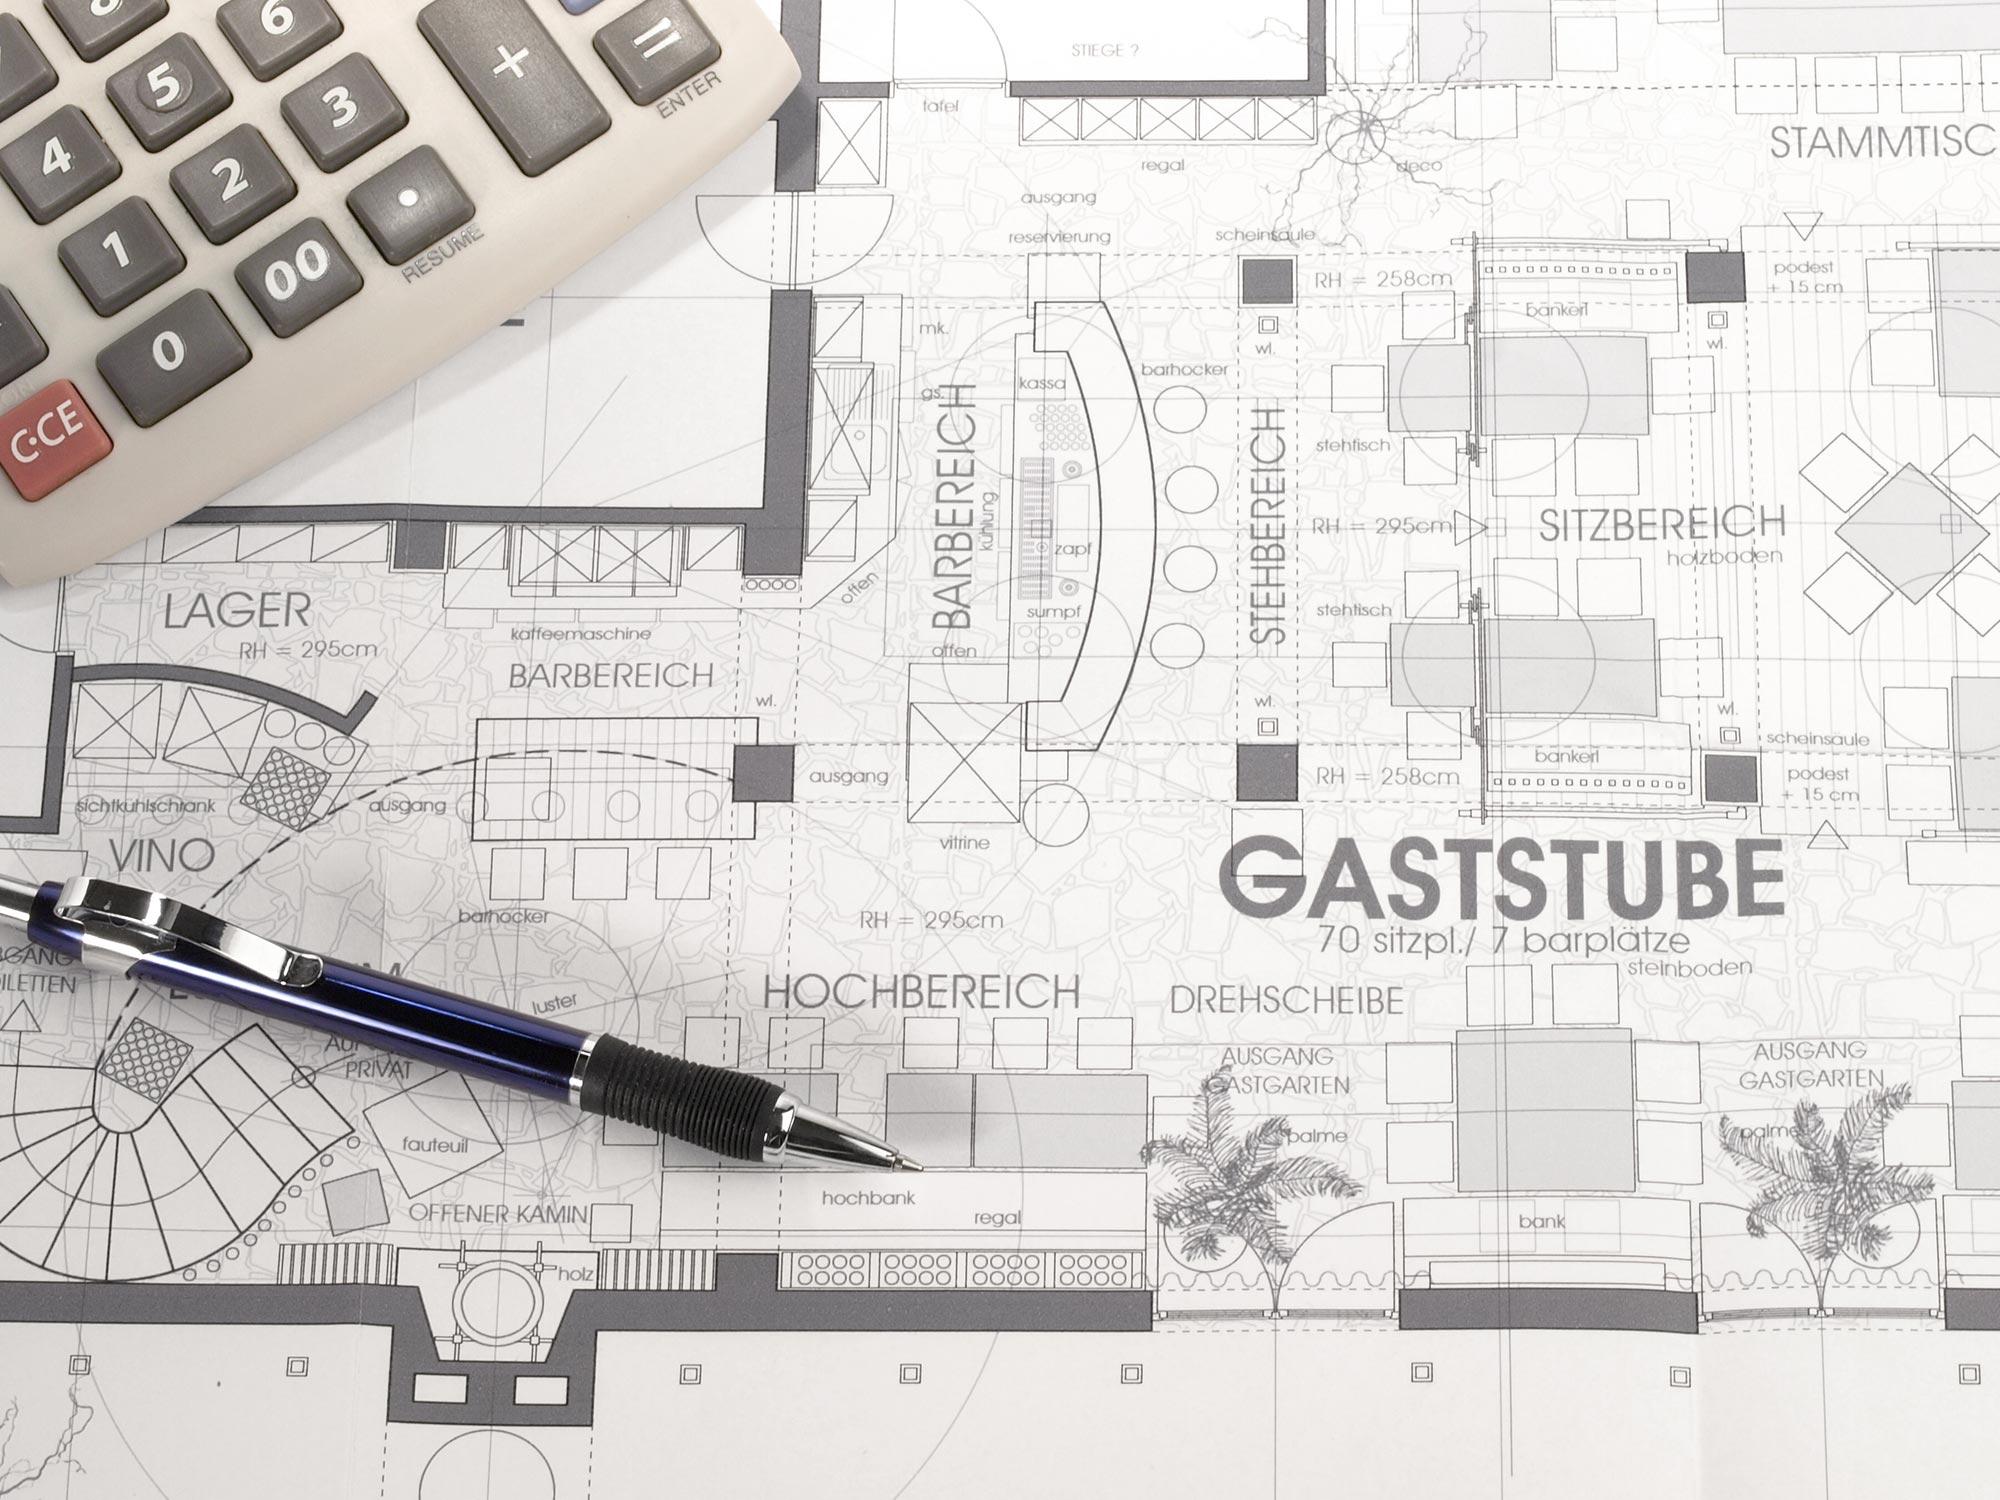 Restaurantmarketing für Immobilienprojektentwickler - Innovationsberatung - REINVENTIS - München